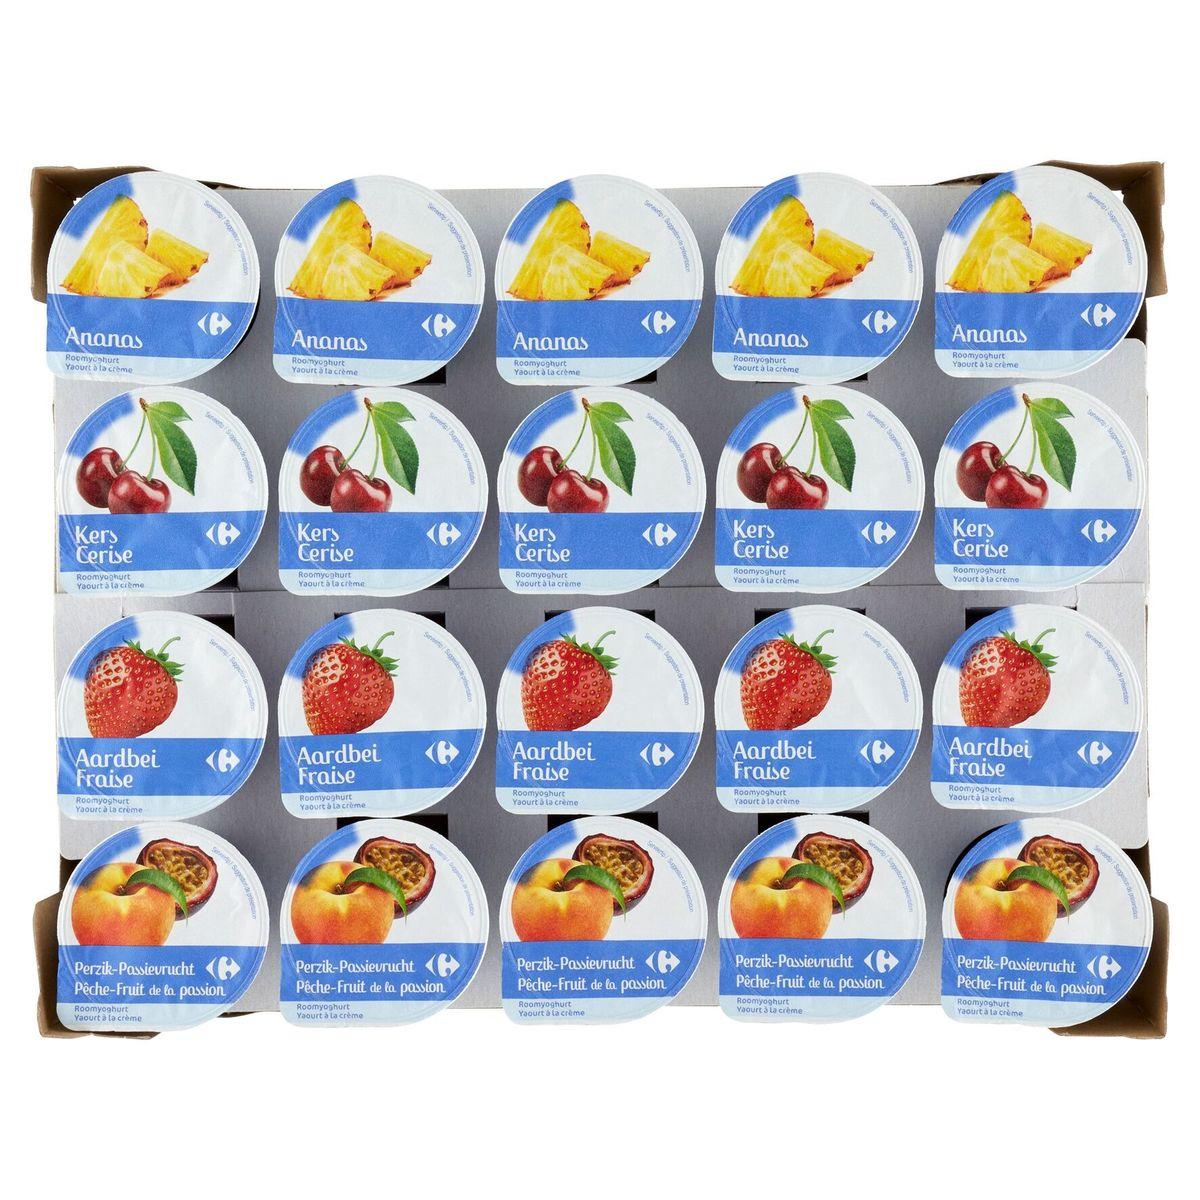 Carrefour Yaourt à la Crème Entier Ananas Cerise Fraise Pêche-Fruit de la Passion 20 x 150 g